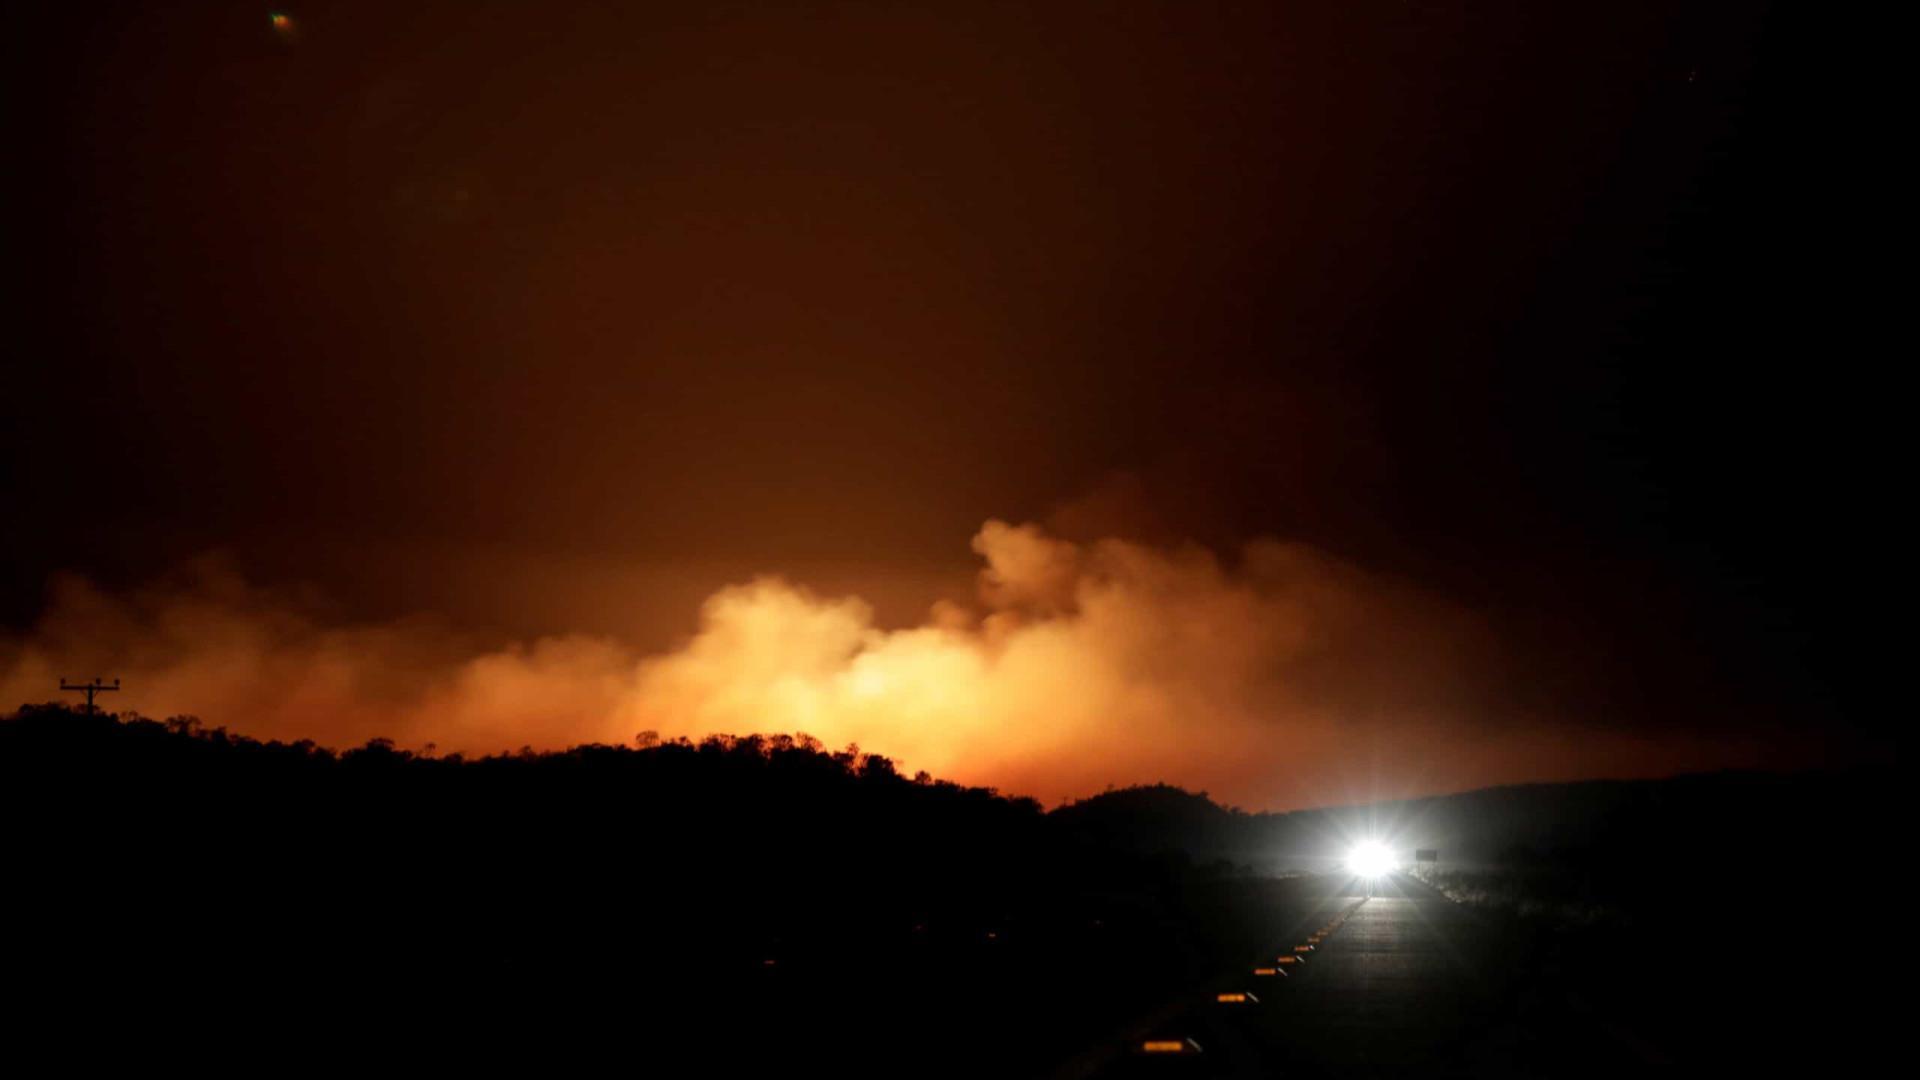 Fogo devasta há quatro dias área vizinha à Chapada dos Veadeiros, em Goiás